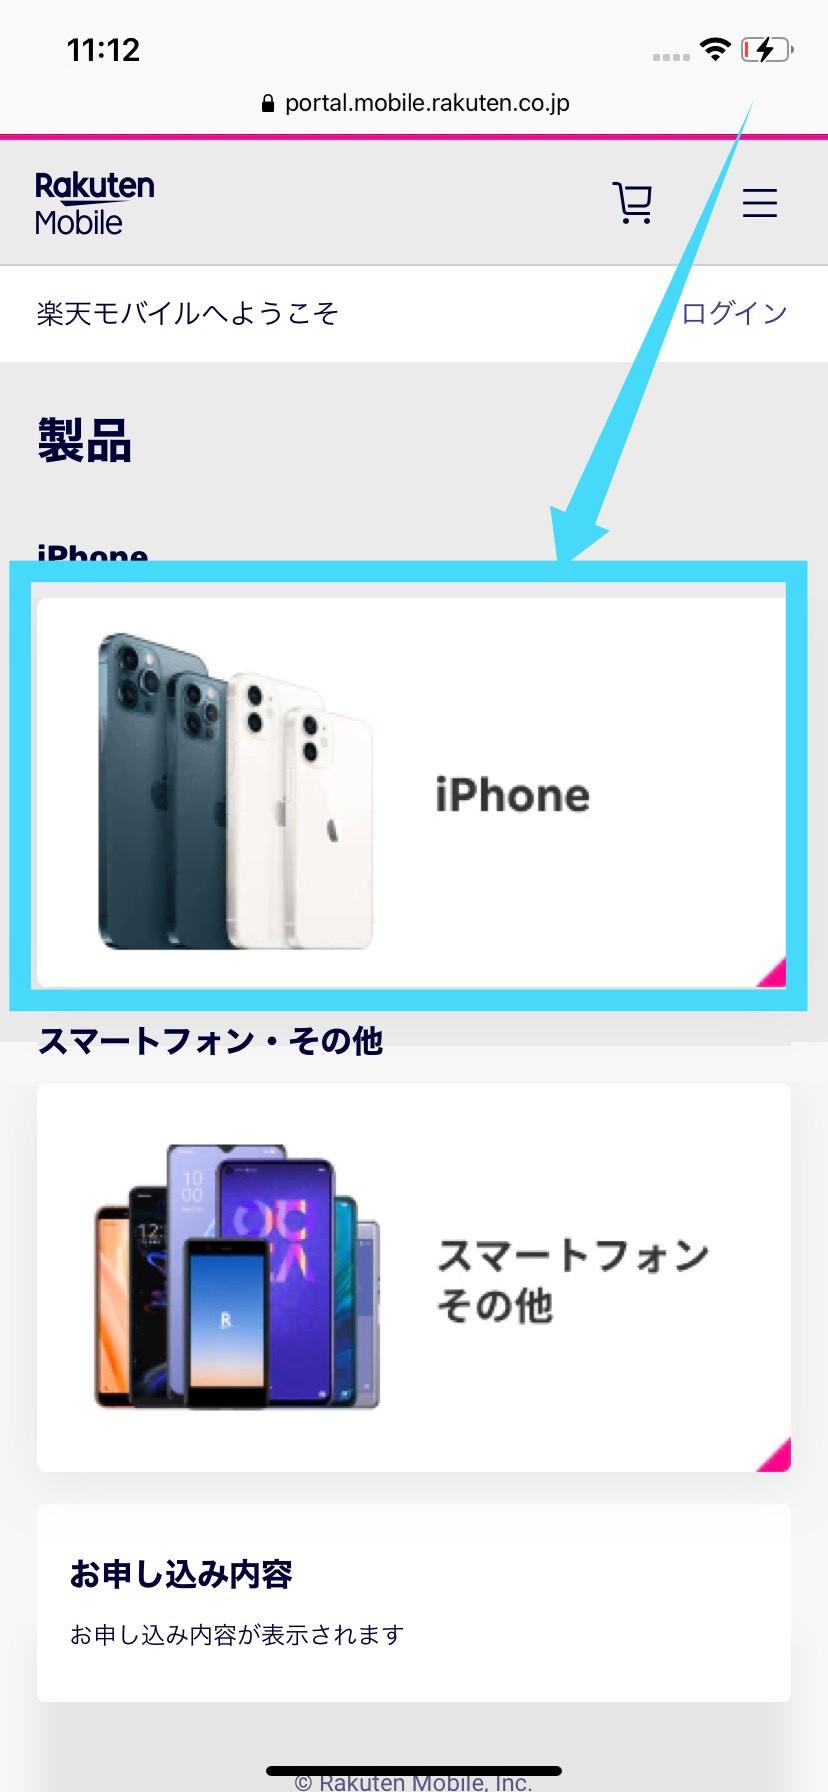 楽天モバイルの申し込み方法